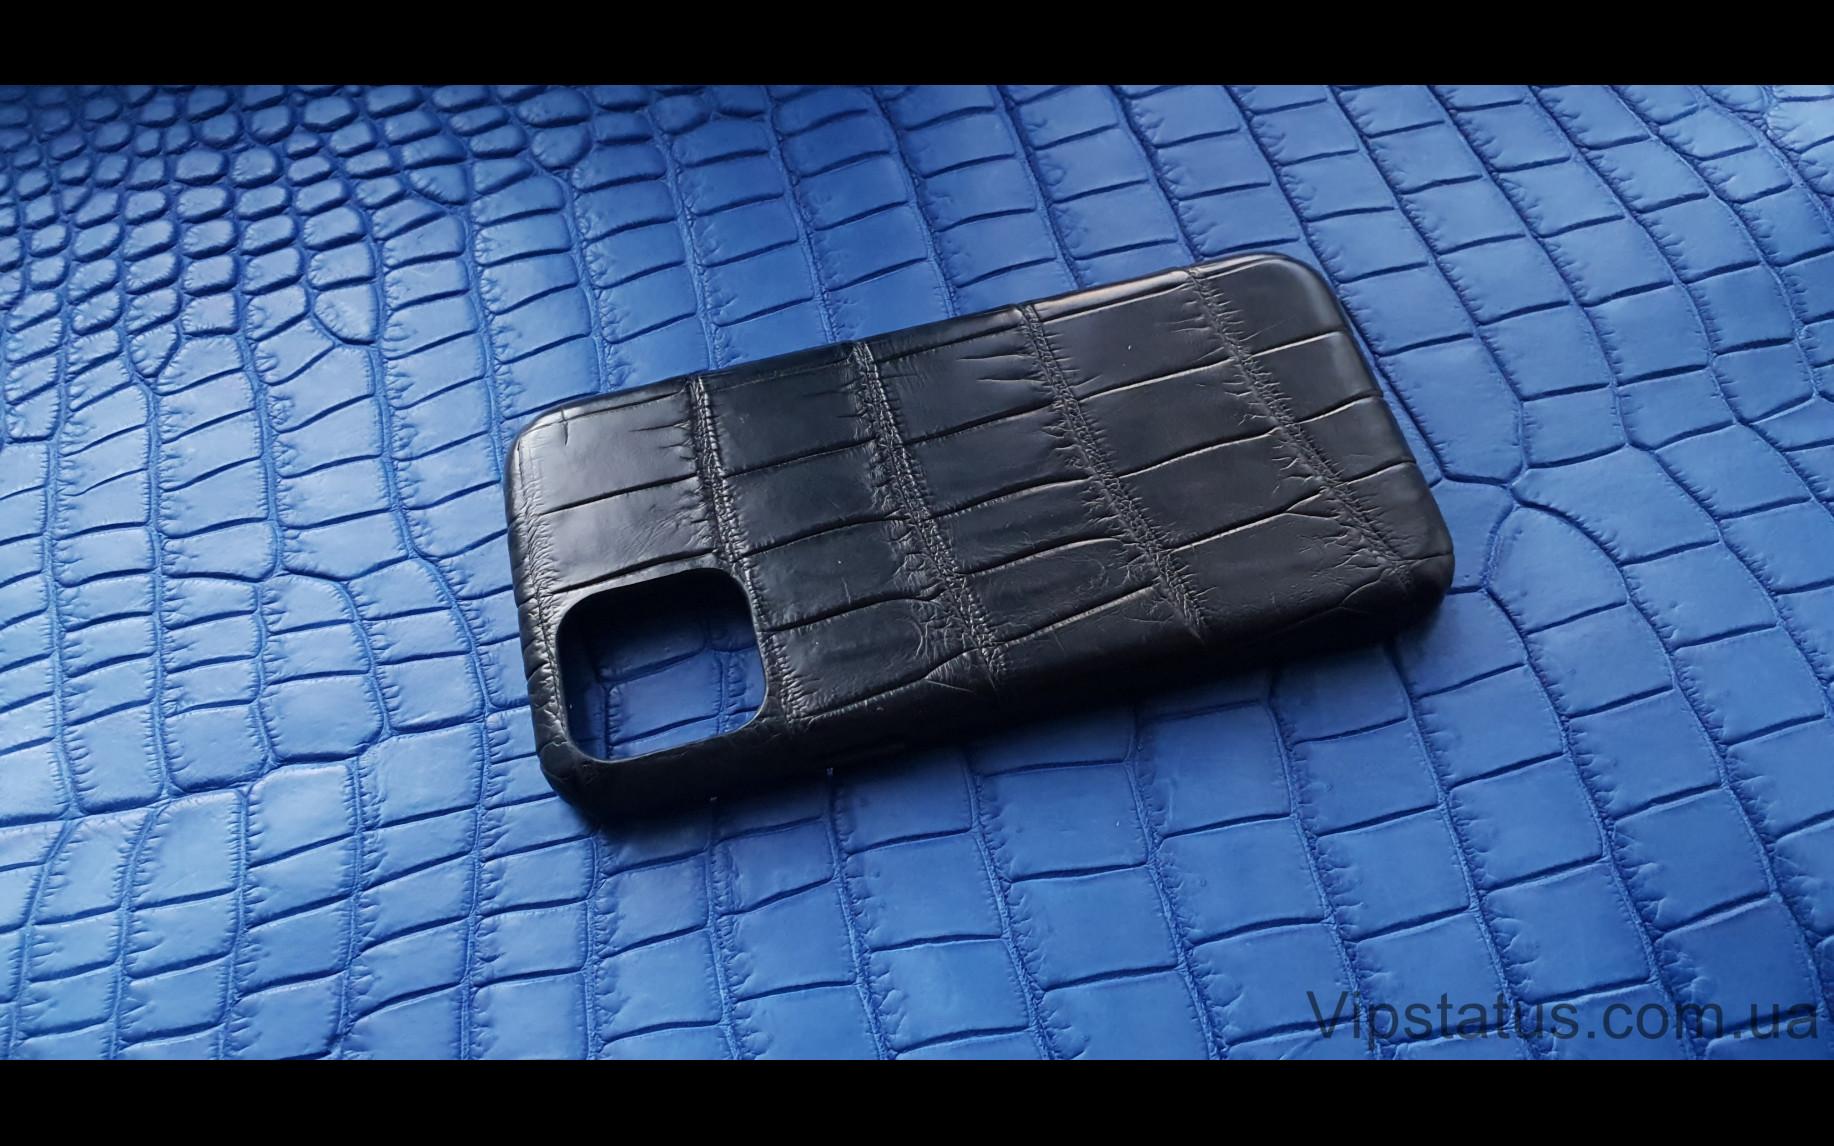 Элитный Black Lord Эксклюзивный чехол IPhone 11 Pro кожа крокодила Black Lord Эксклюзивный чехол IPhone 11 Pro кожа крокодила изображение 1